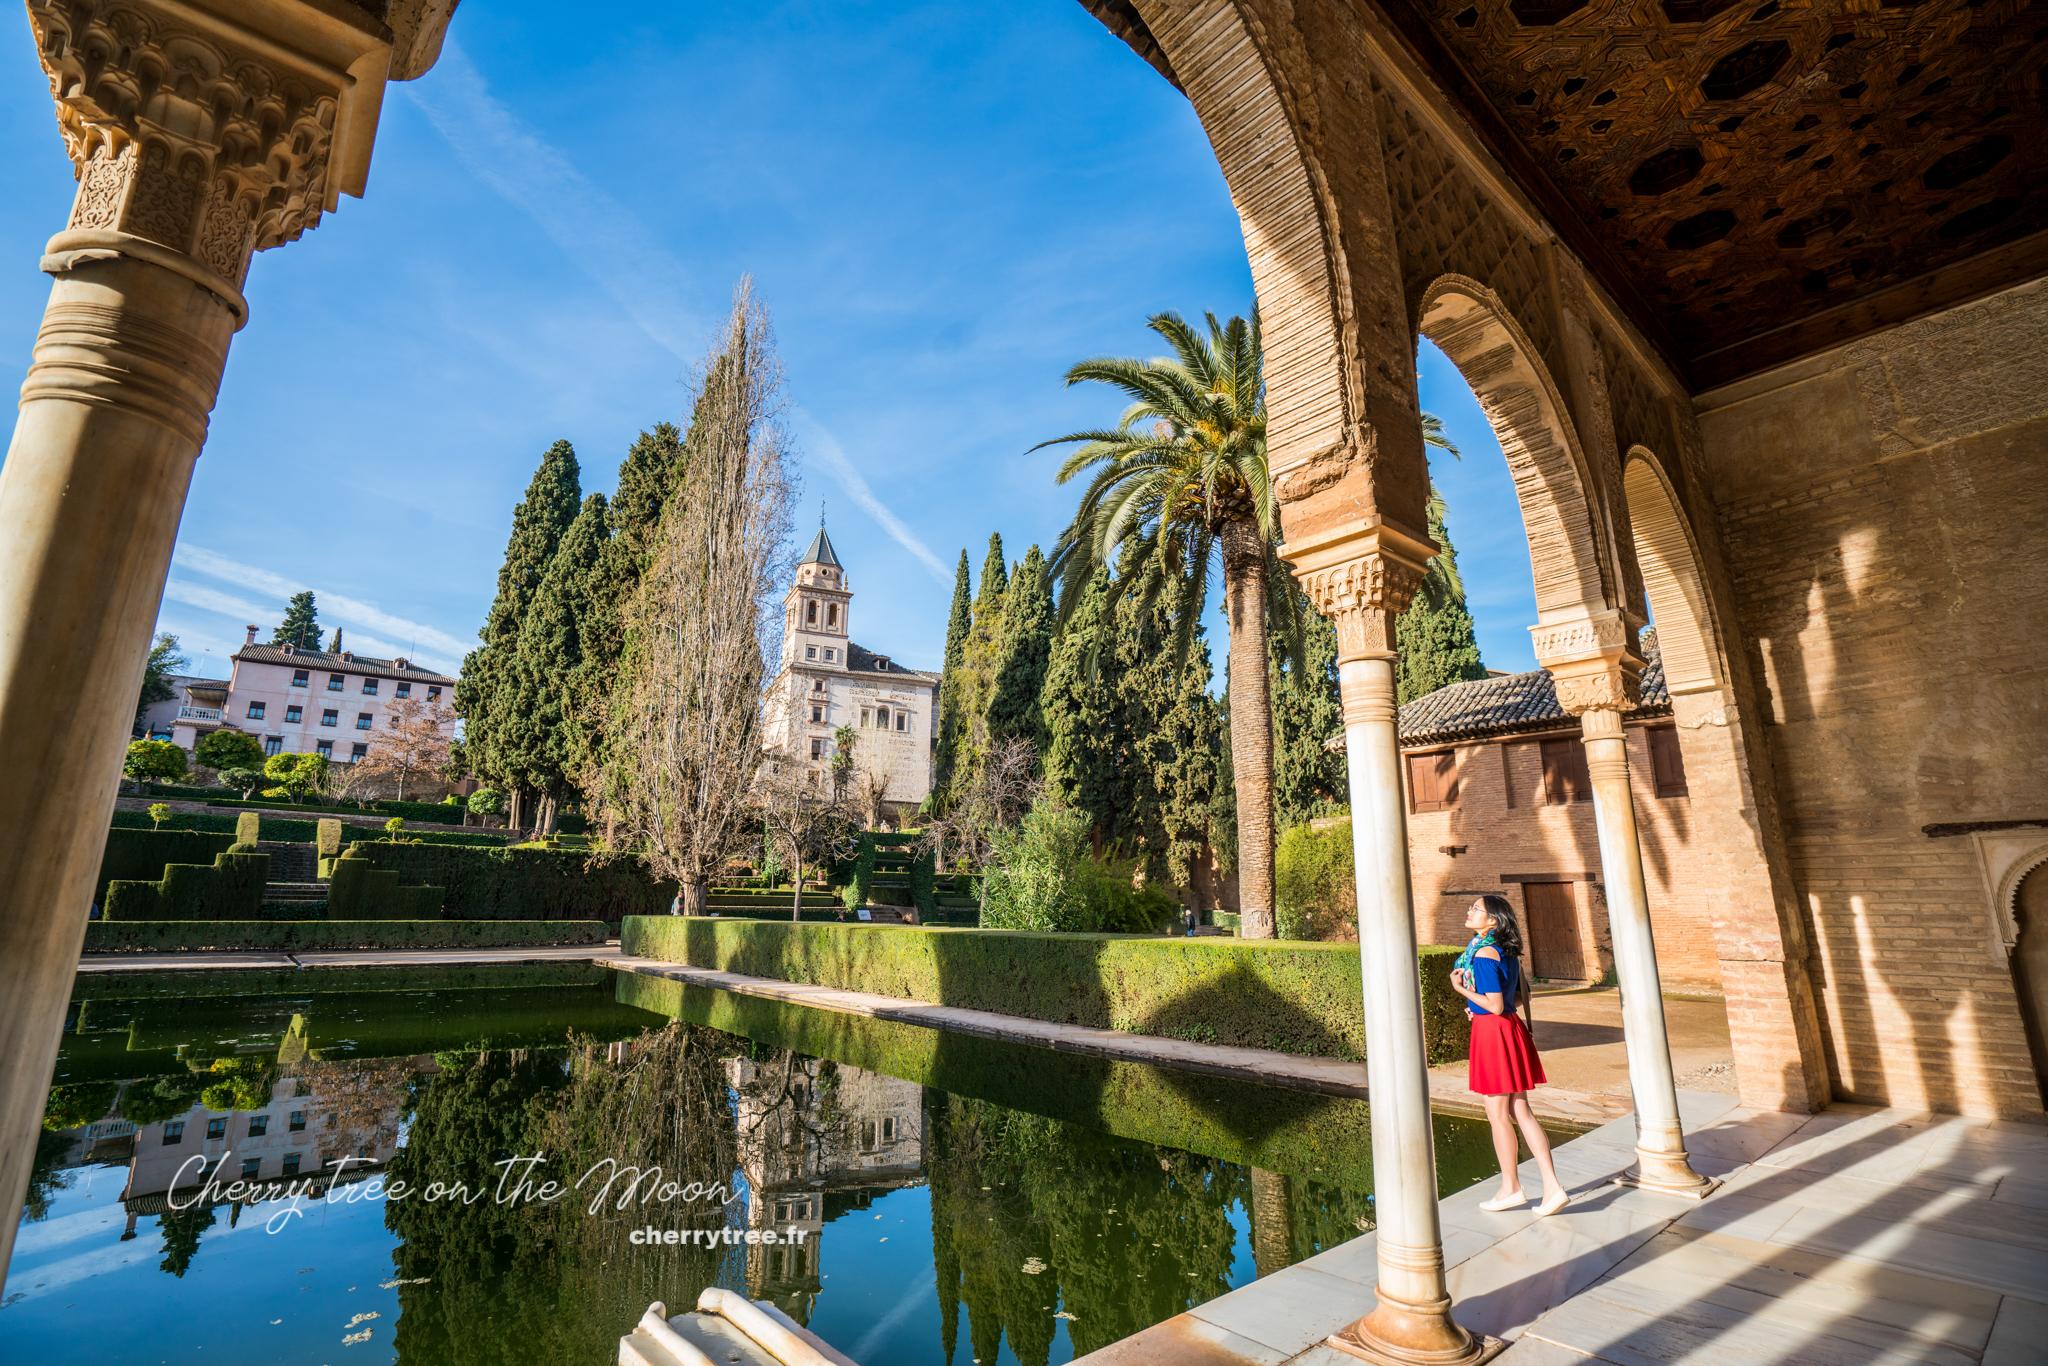 Kiến trúc Ả Rập và Tây Âu trên cùng một khung hình ở Granada